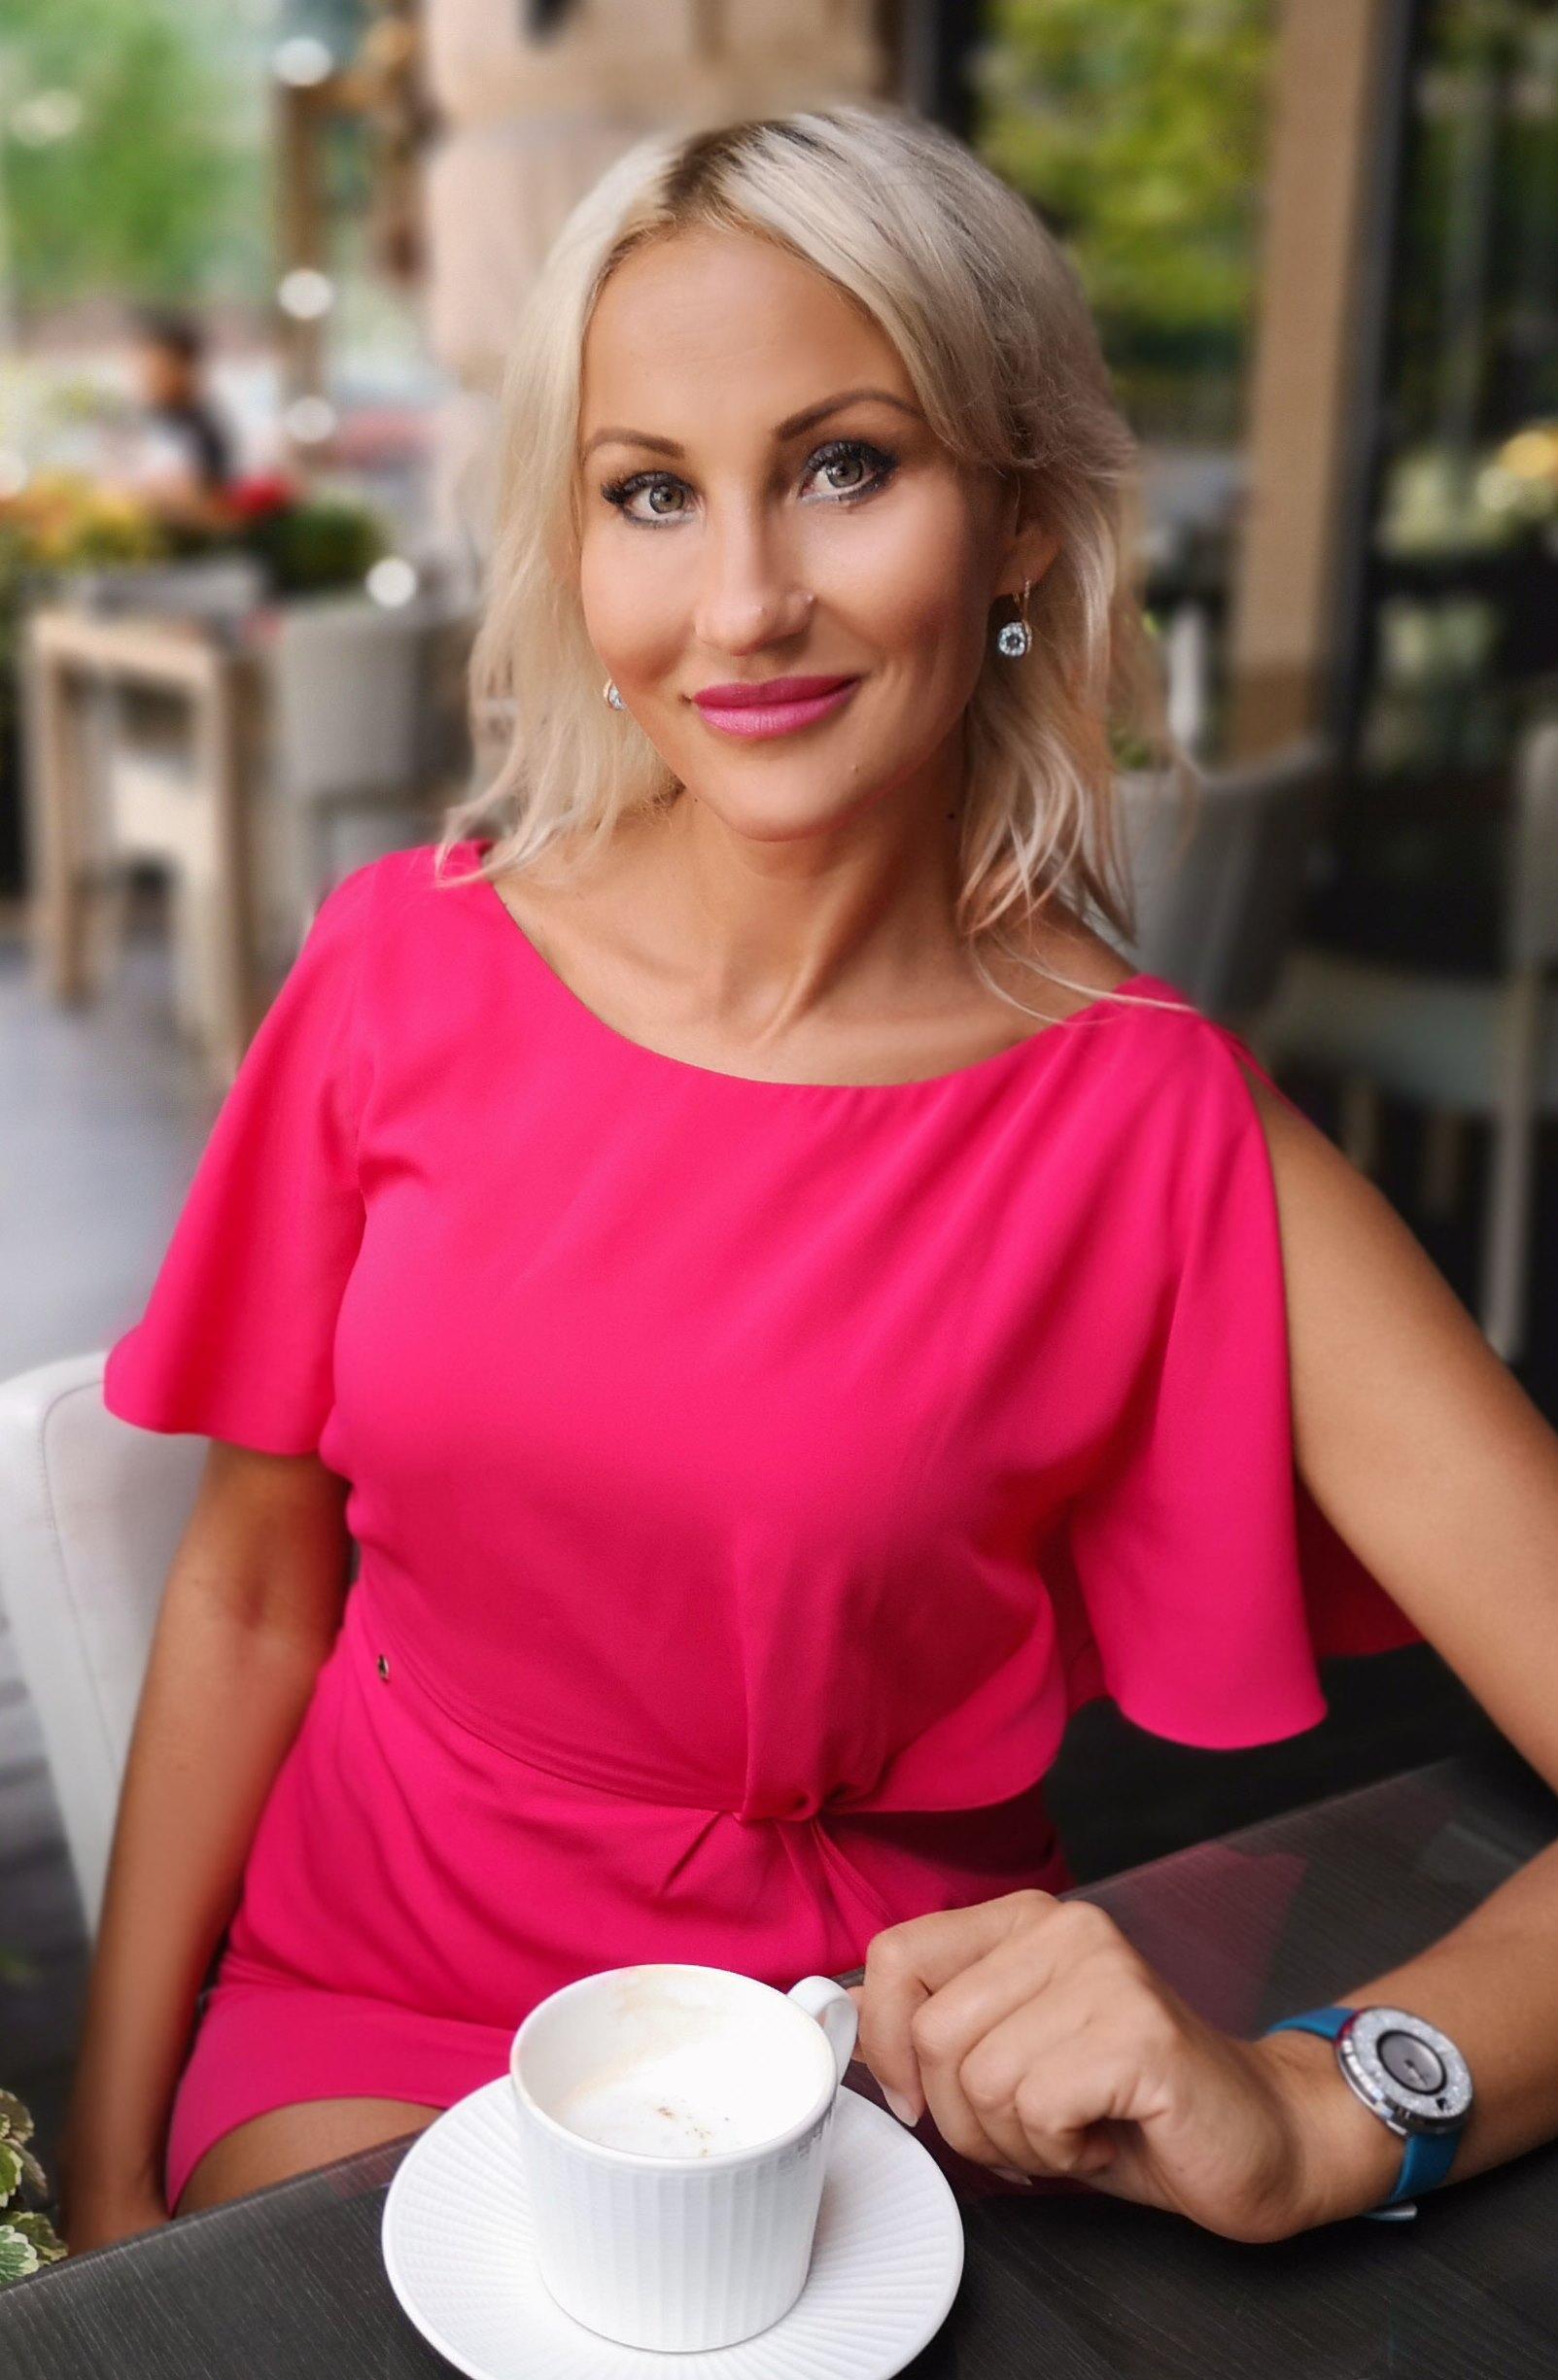 Agence matrimoniale rencontre de Alina belle femme célibataire de 43 ans, Châtillon.